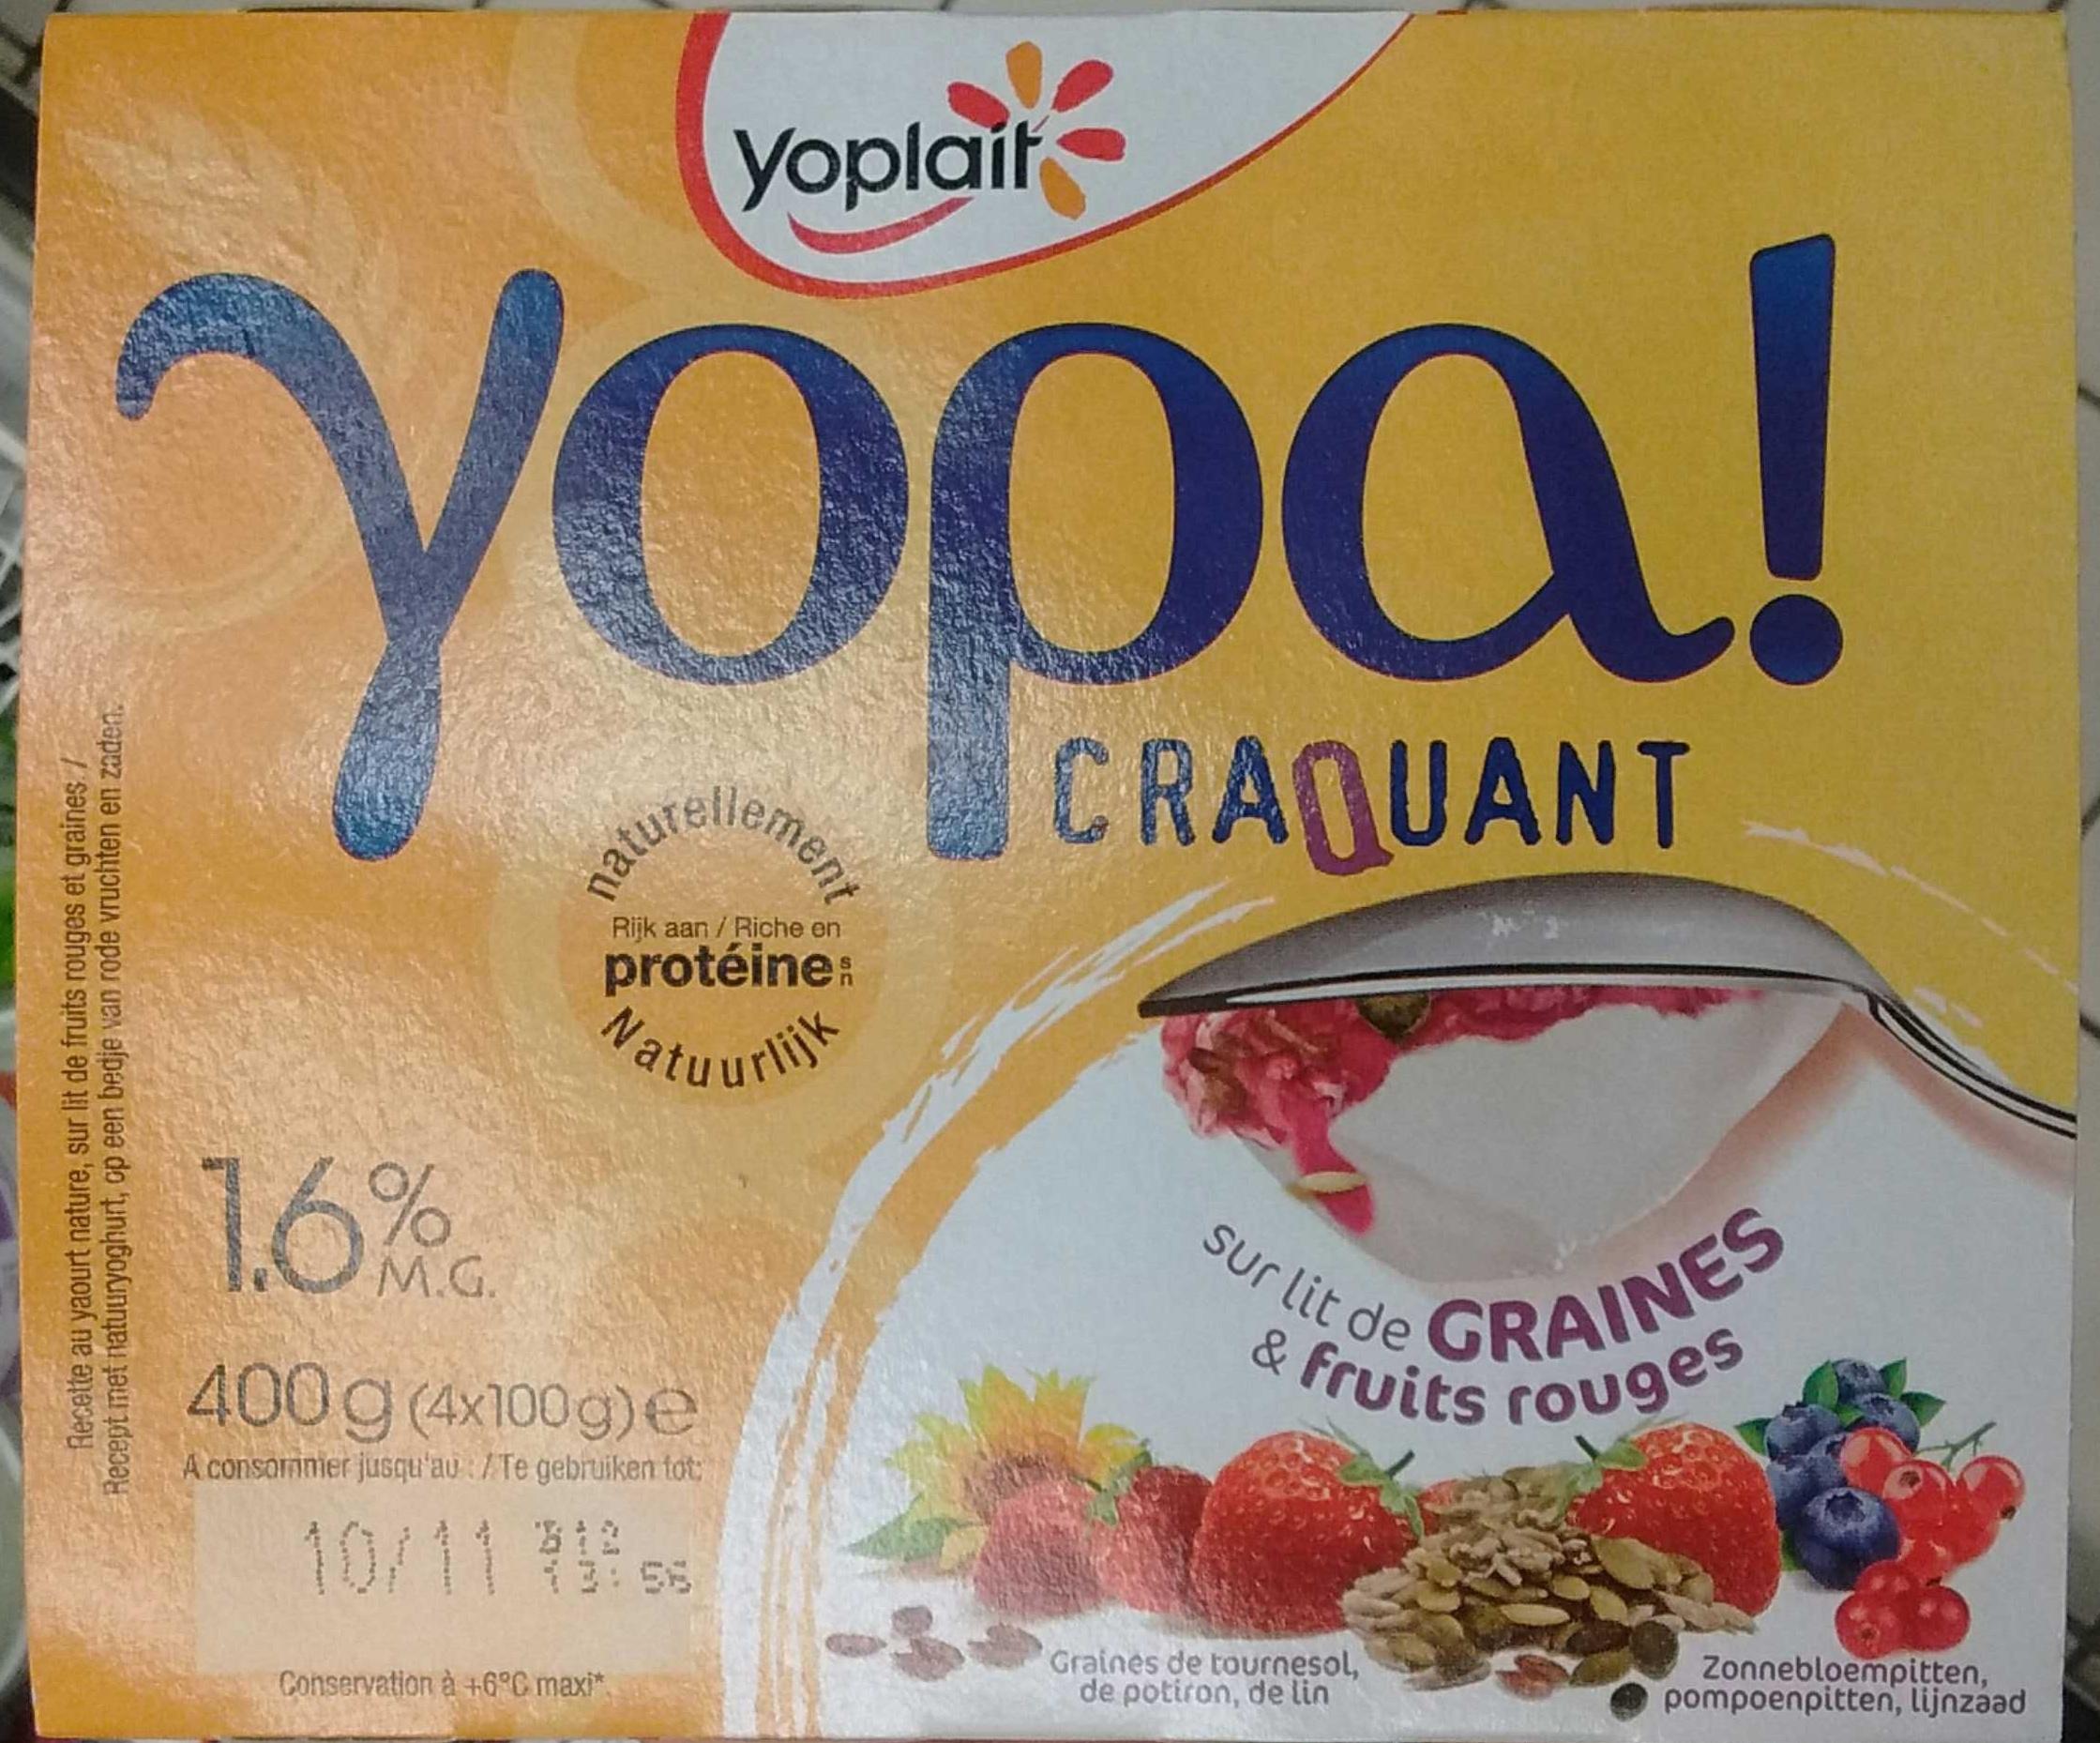 Yopa! Craquant sur lit de graines & fruits rouges (1,6% MG) - Product - fr